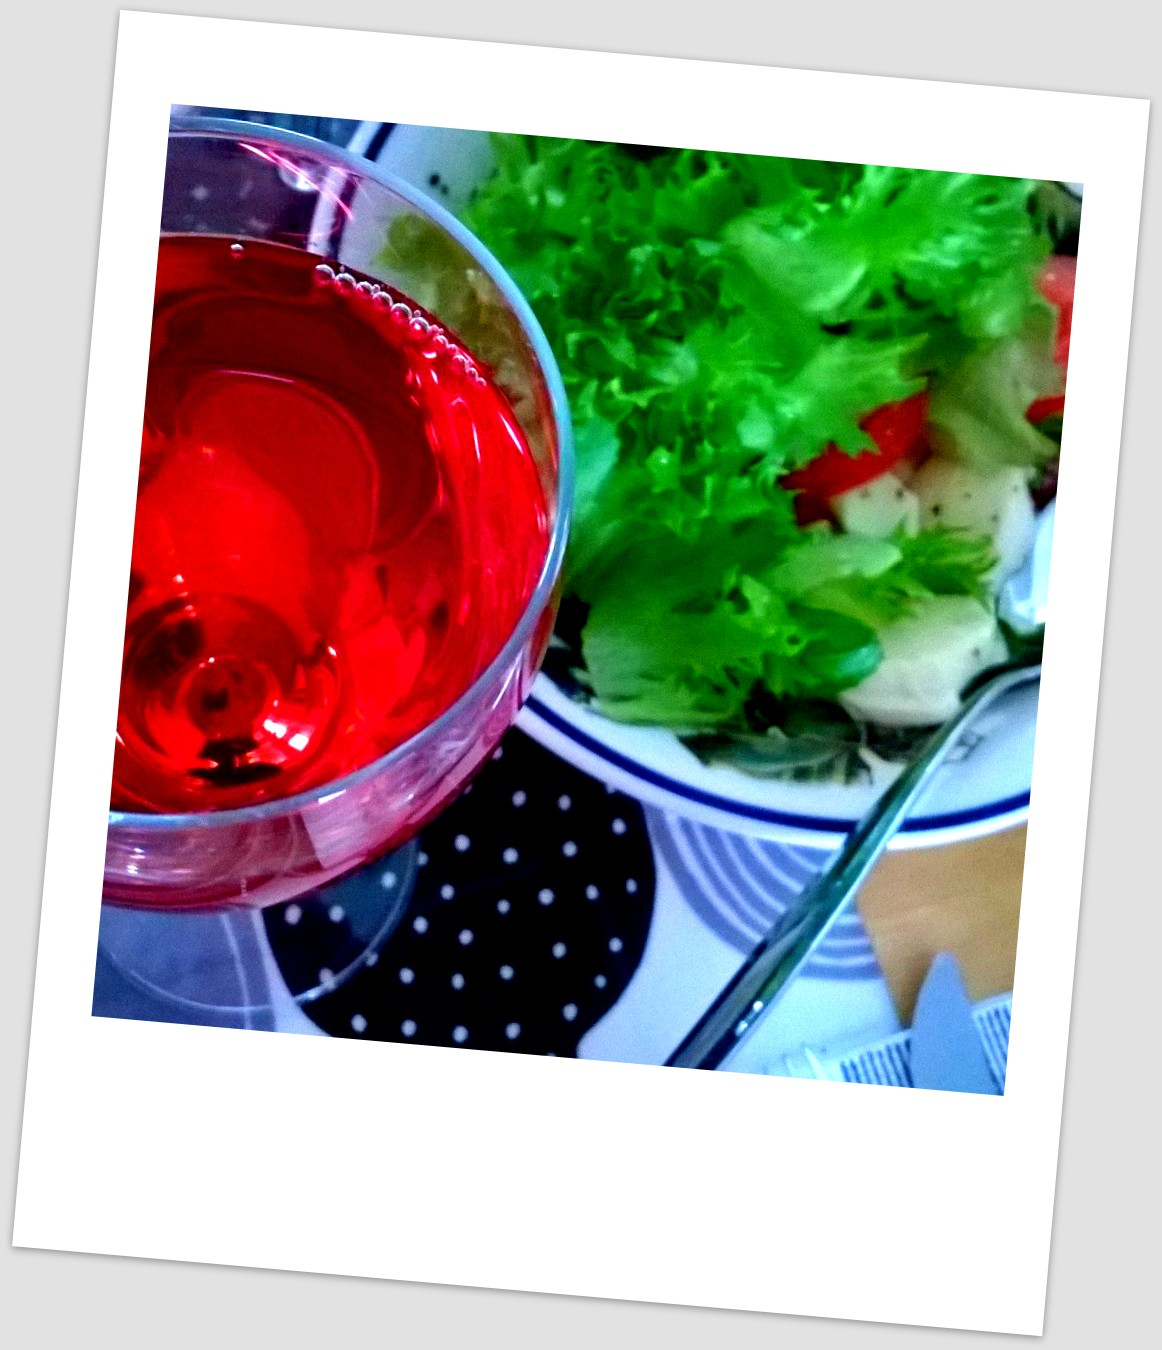 Mozzarellasalaattia ja vadelma-granaattiomenamehua